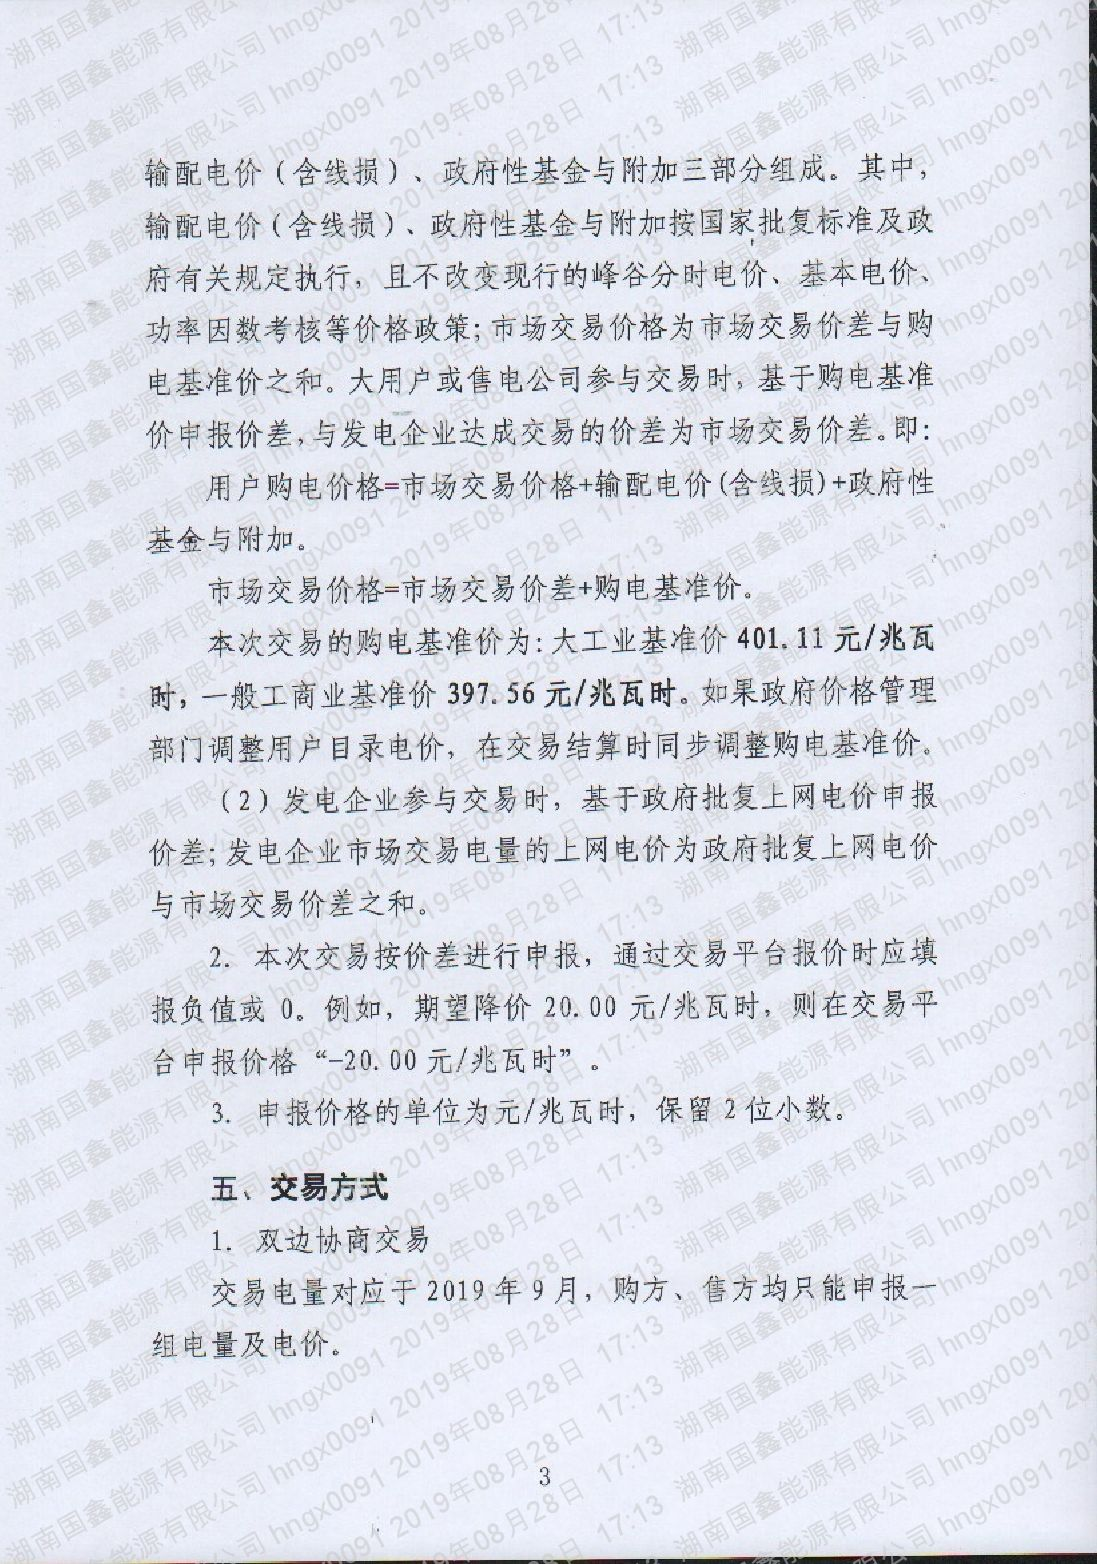 2019年第20號交易公告(9月月度交易).pdf_page_3_compressed.jpg